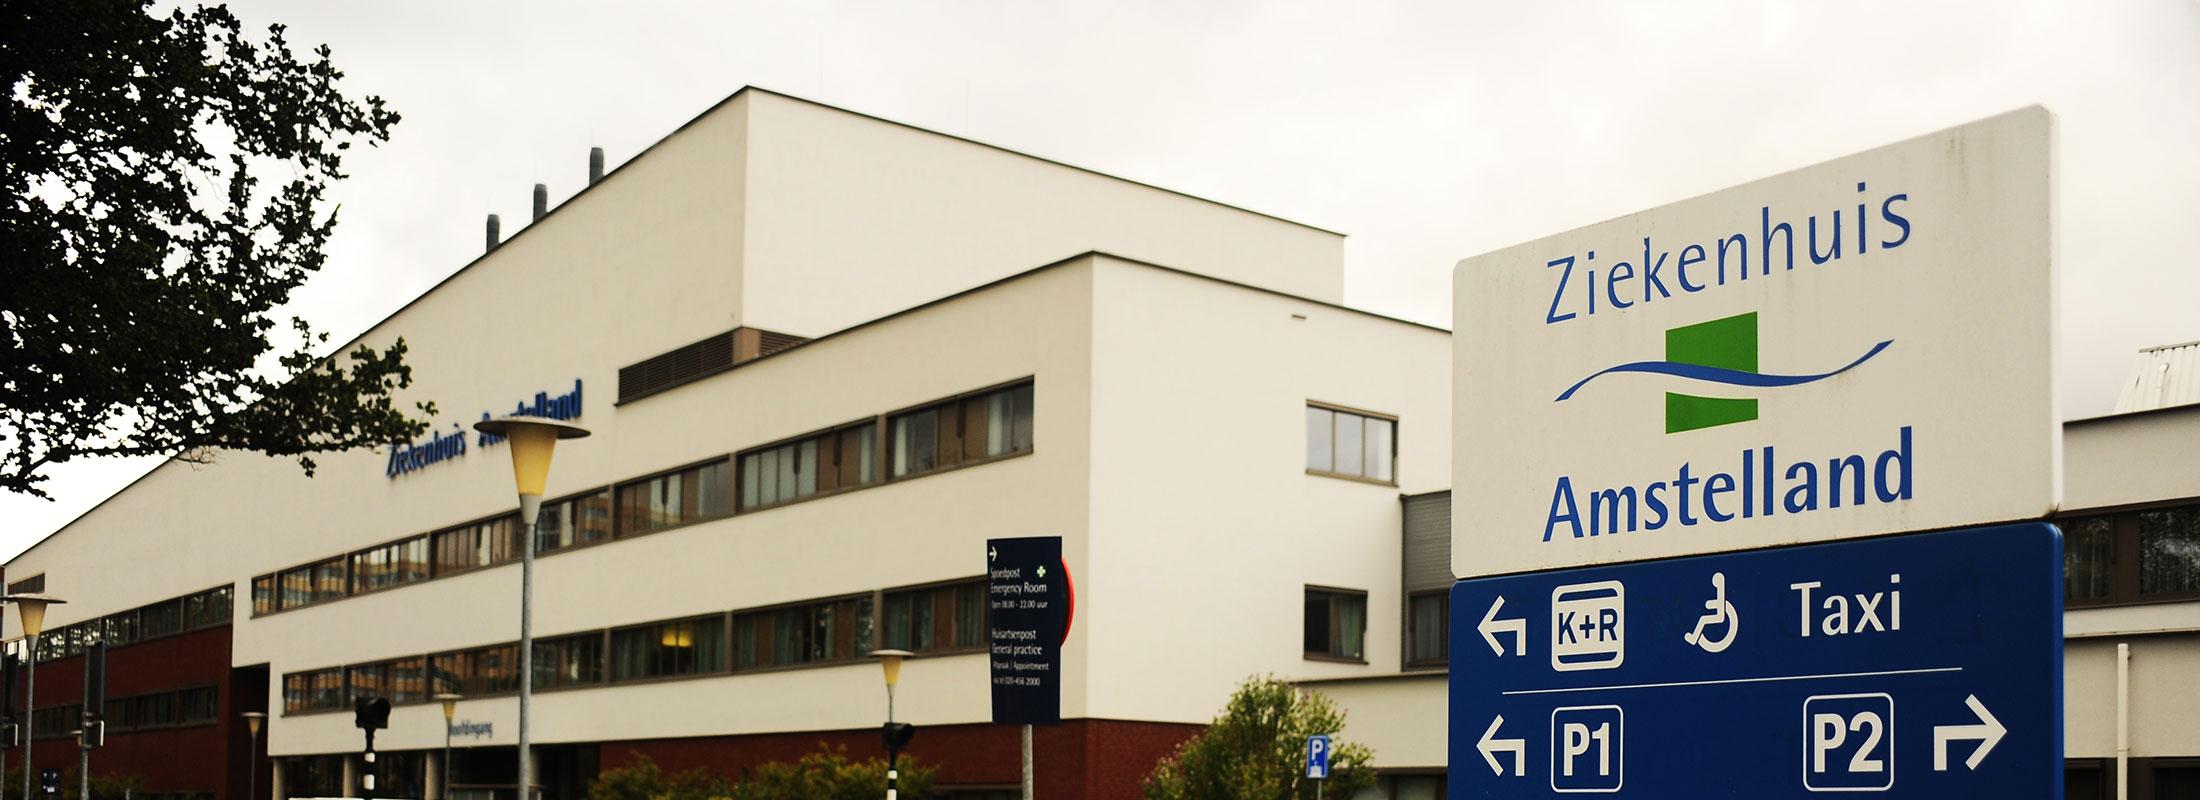 Locatie in Ziekenhuis Amstelland